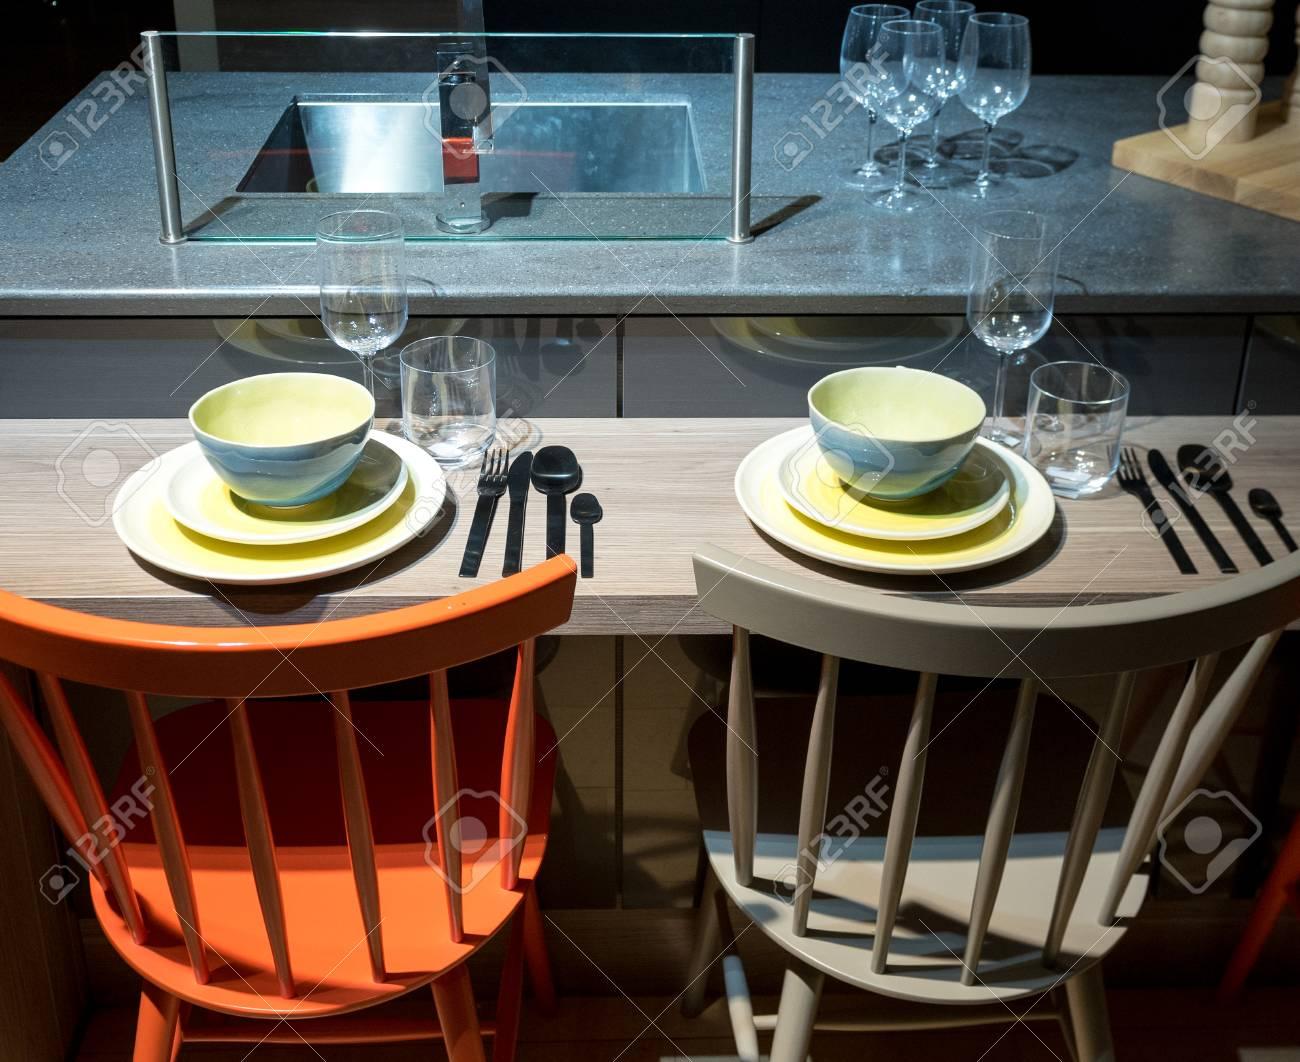 Moderne Und Stilvolle Küche Frühstück Bar Mit Geschirr Und ...